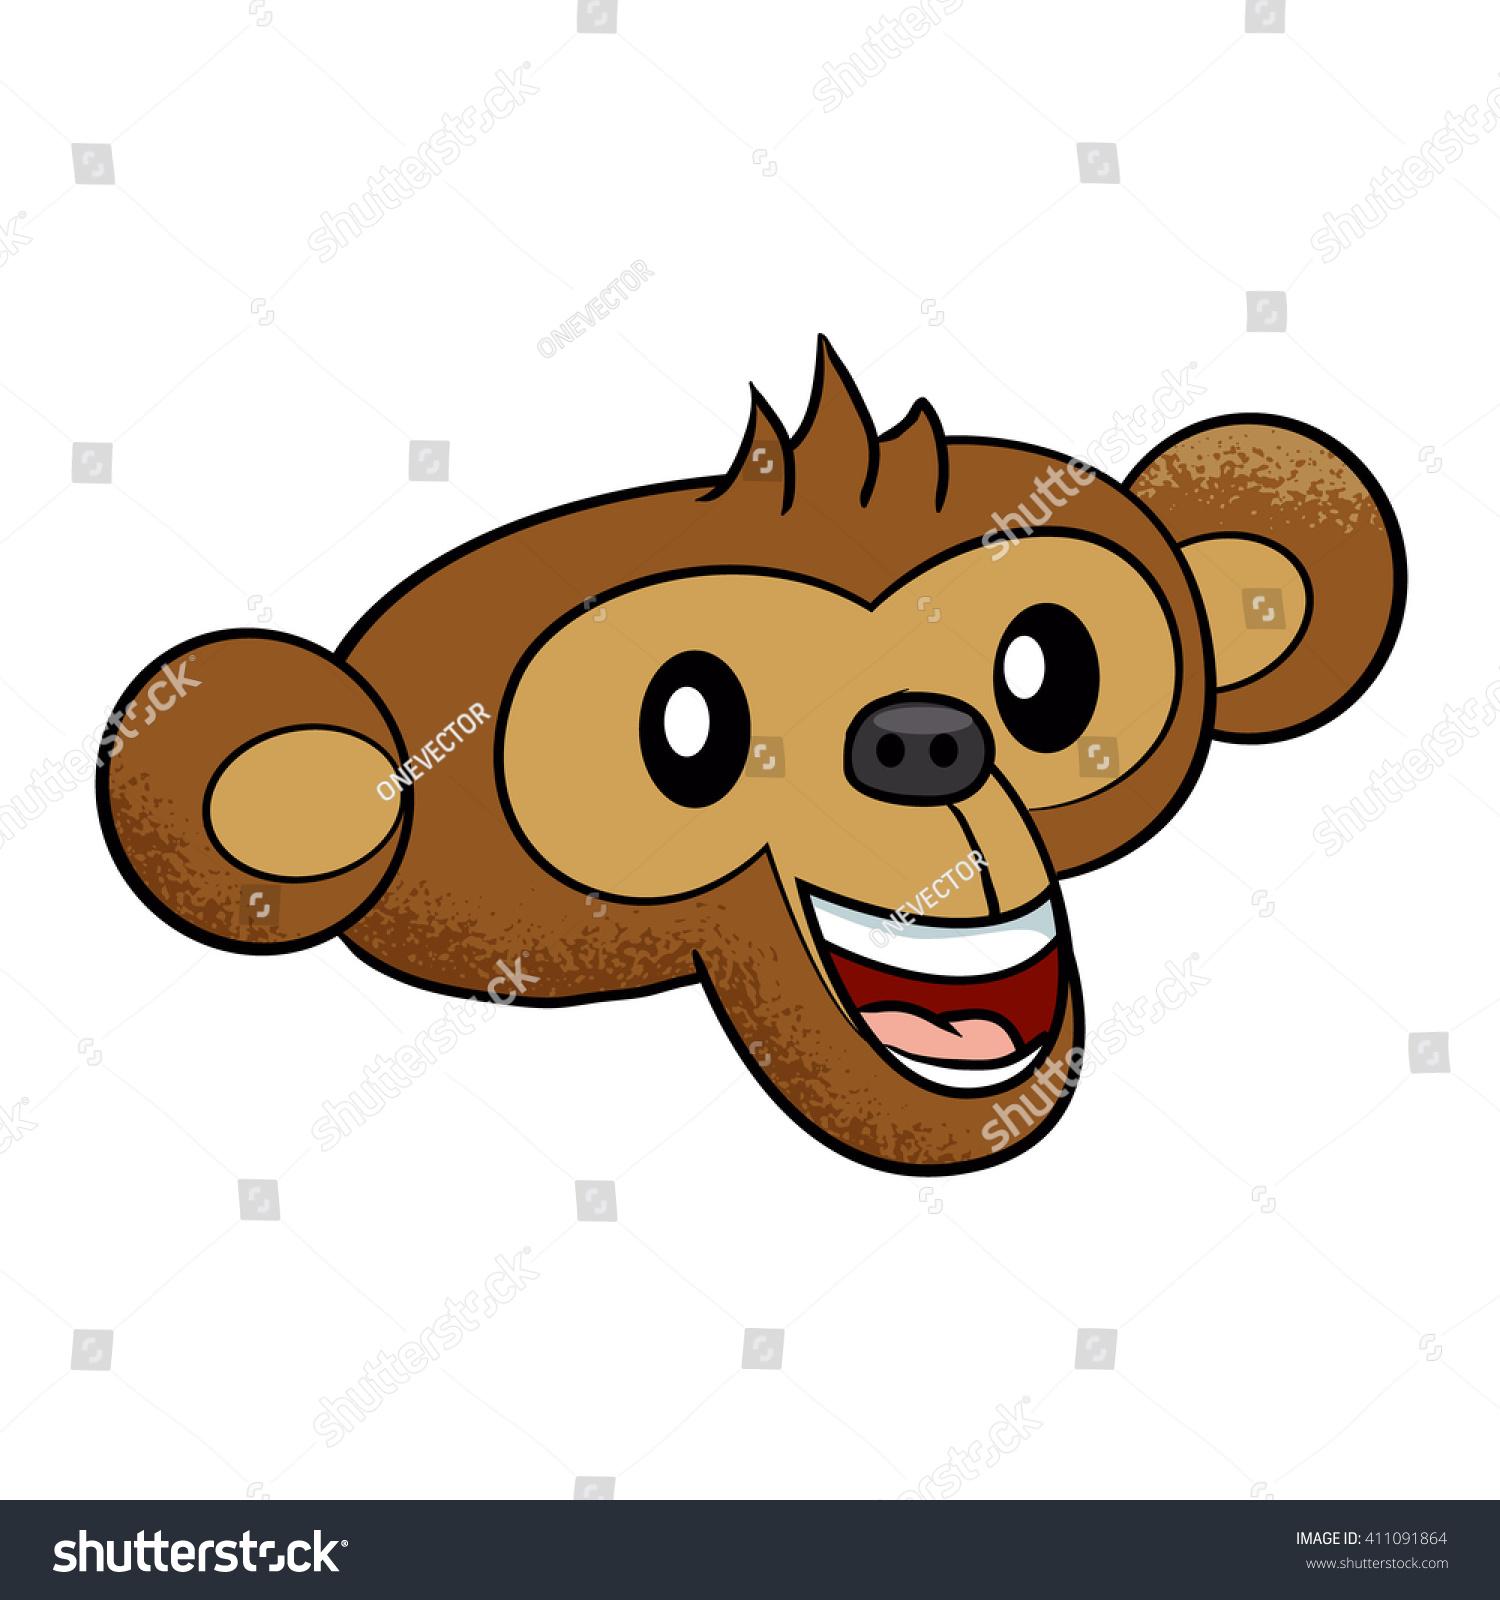 Happy Monkey Face Cartoon Stock Vector Royalty Free 411091864